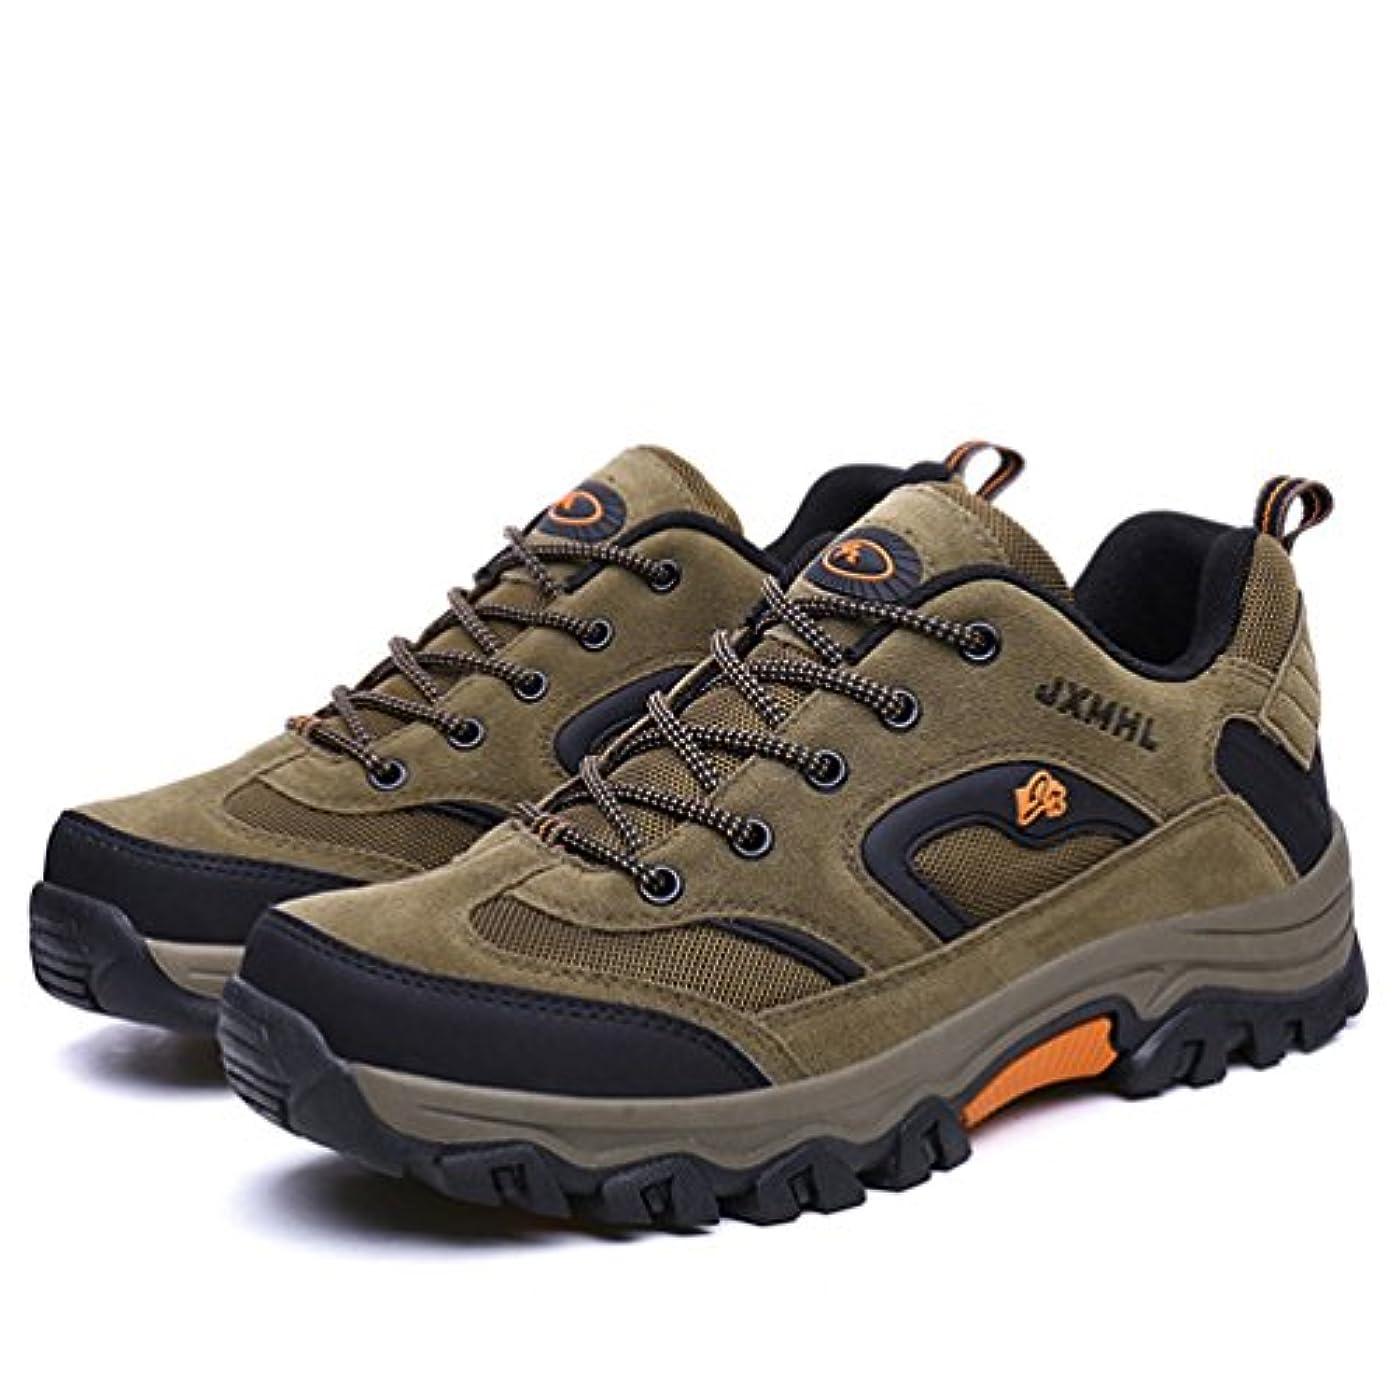 抜け目のないメトリック山岳[ドリーマー] 登山靴 メンズ用 トレッキングシューズ ハイキング スニーカー 通気性 キャンプ 遠足 徒歩 クライミング ウオーキング 運動会 通気性 滑り止め 軽量 耐磨耗 カジュアル グレー 灰色 ダークグリーン カーキ色